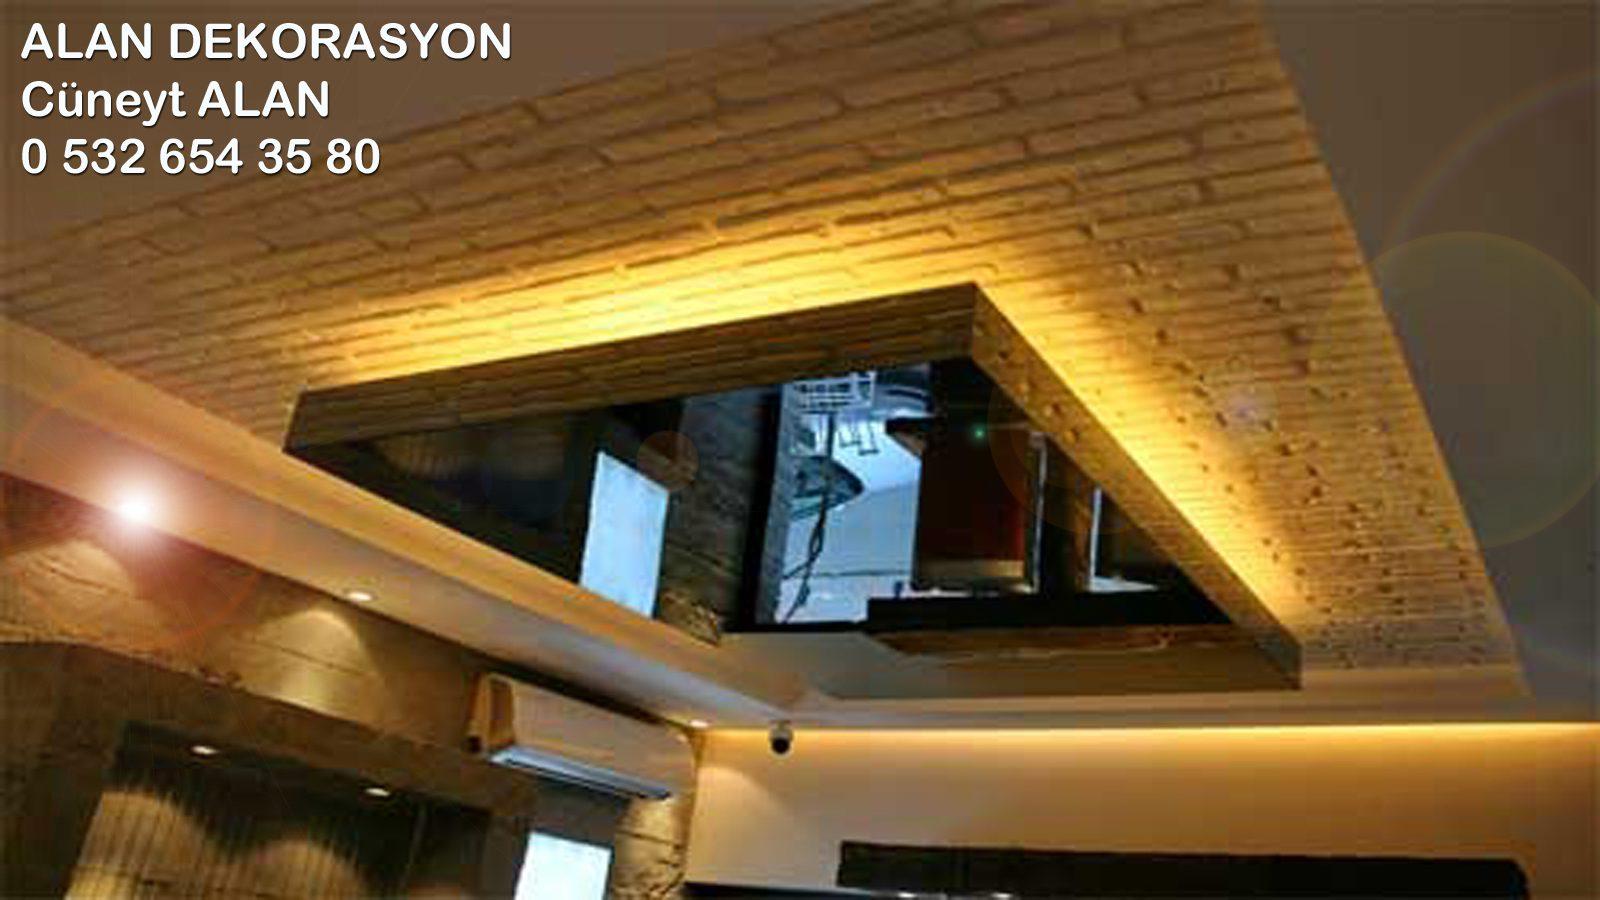 asma tavan modelleri, alçıpan asma tavanlar, ahşap asma tavanlar, metal asma tavanlar, asma tavan nasıl yapılır, alçıpan nedir, taşyünü asma tavanlar, led tavanlar, klipin tavanlar, tavancı, alçıpan tavan modelleri